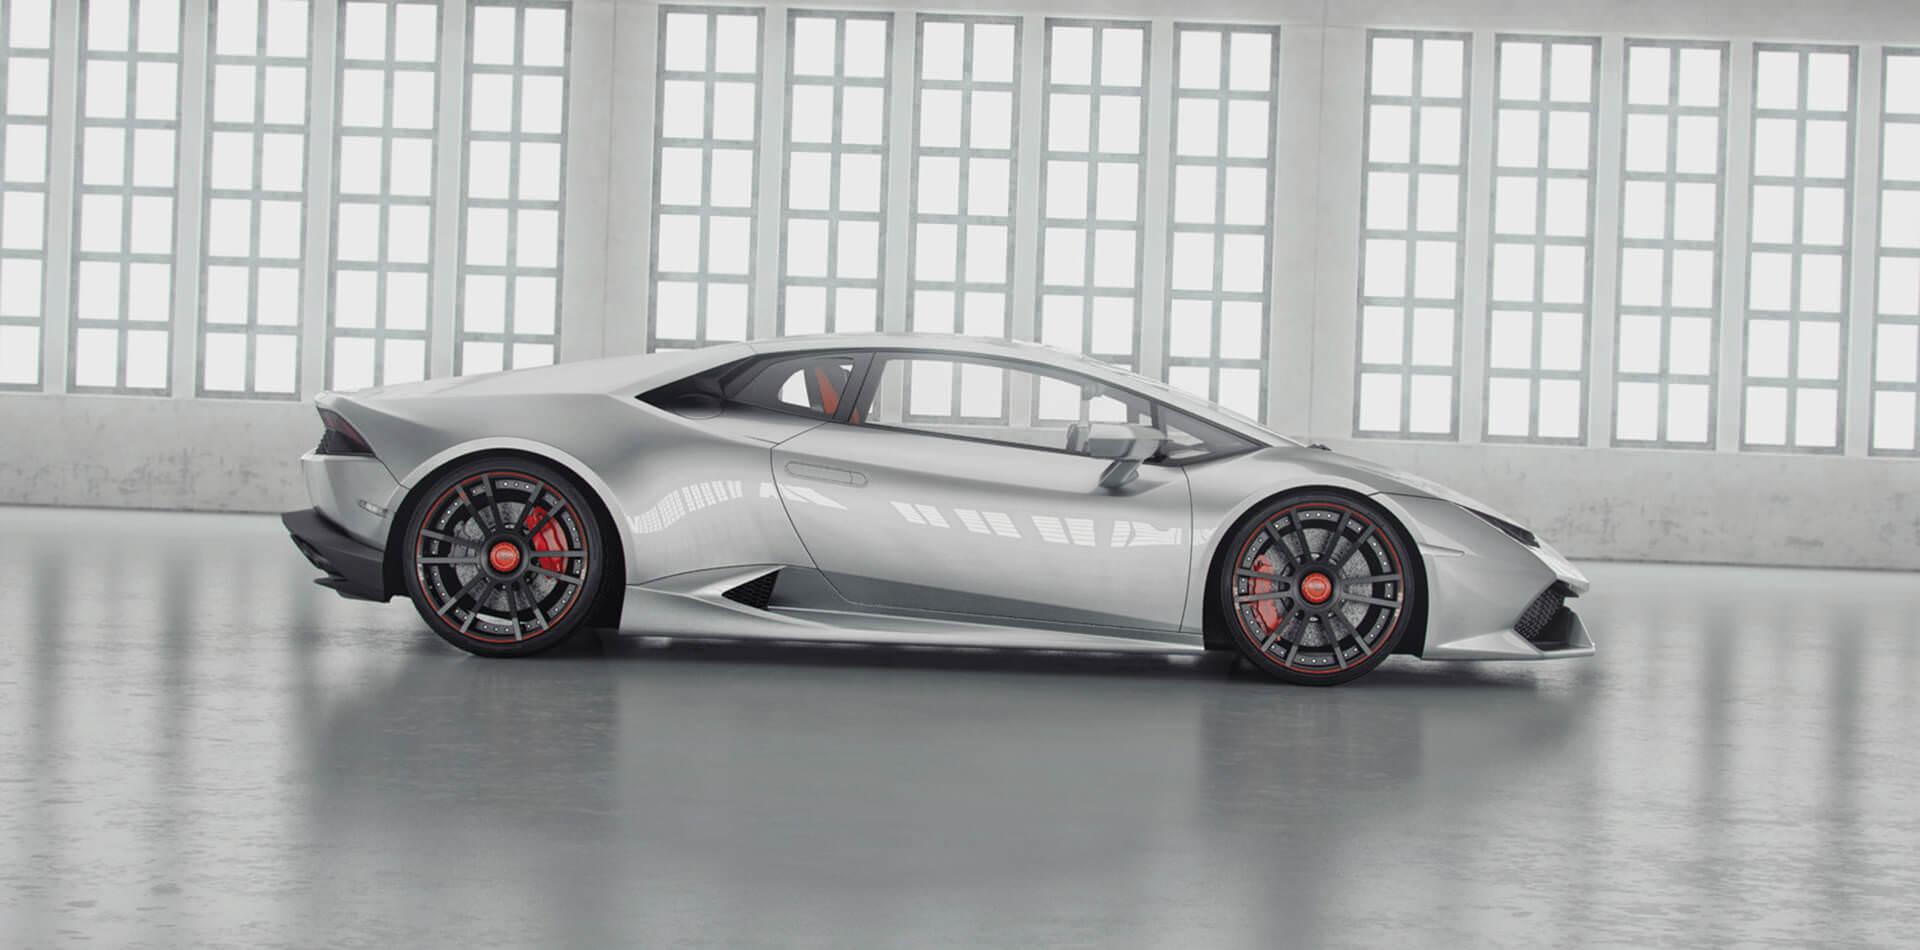 Fahrwerk_Huracan_Lamborghini-1